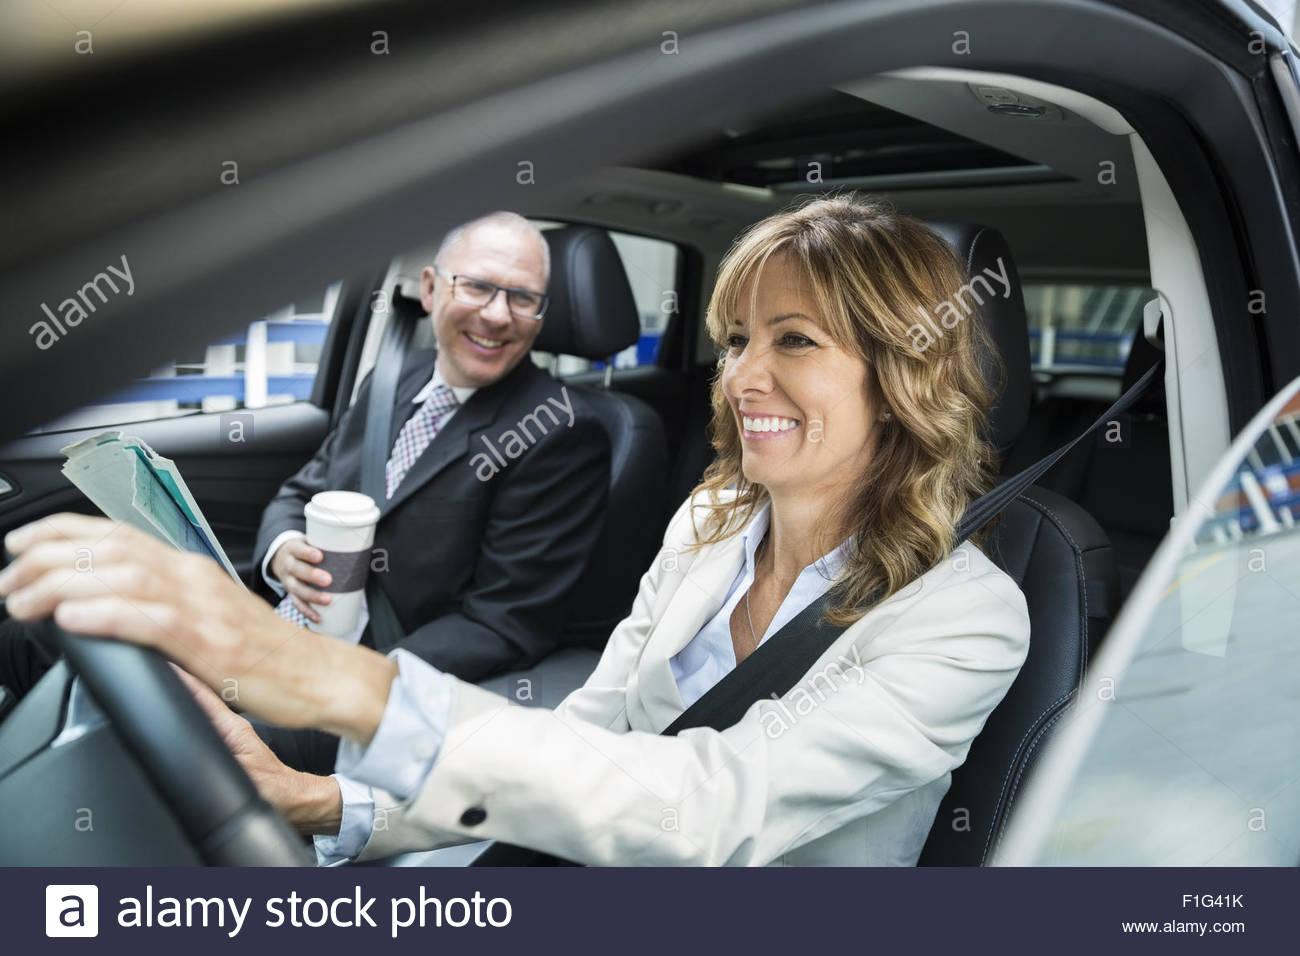 Carpool Stock Photos & Carpool Stock Images - Alamy